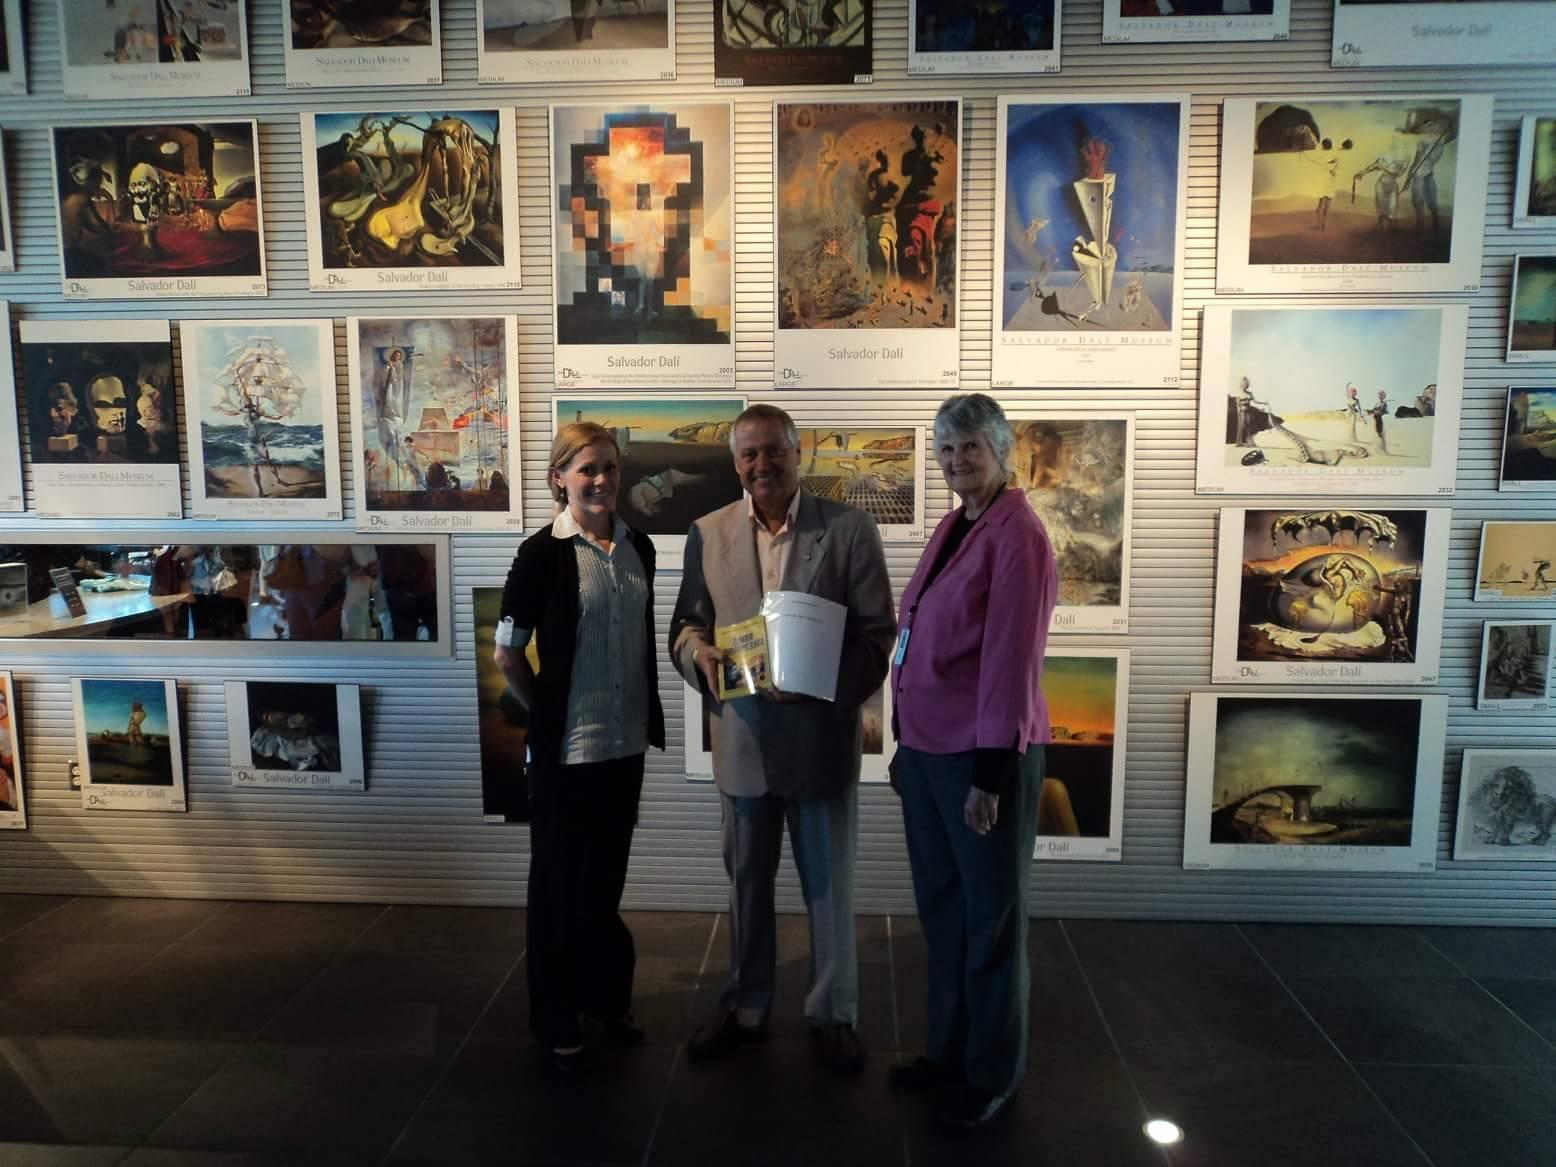 """Преводачът на стихосбирката """"Извън циферблата"""" Слав Данев предава превода на директора на музея Дали в Сейнт Питърсбърг, Флорида г-жа Каръл Бътлър (вдясно) и главния библиотекар на библиотеката към музея."""